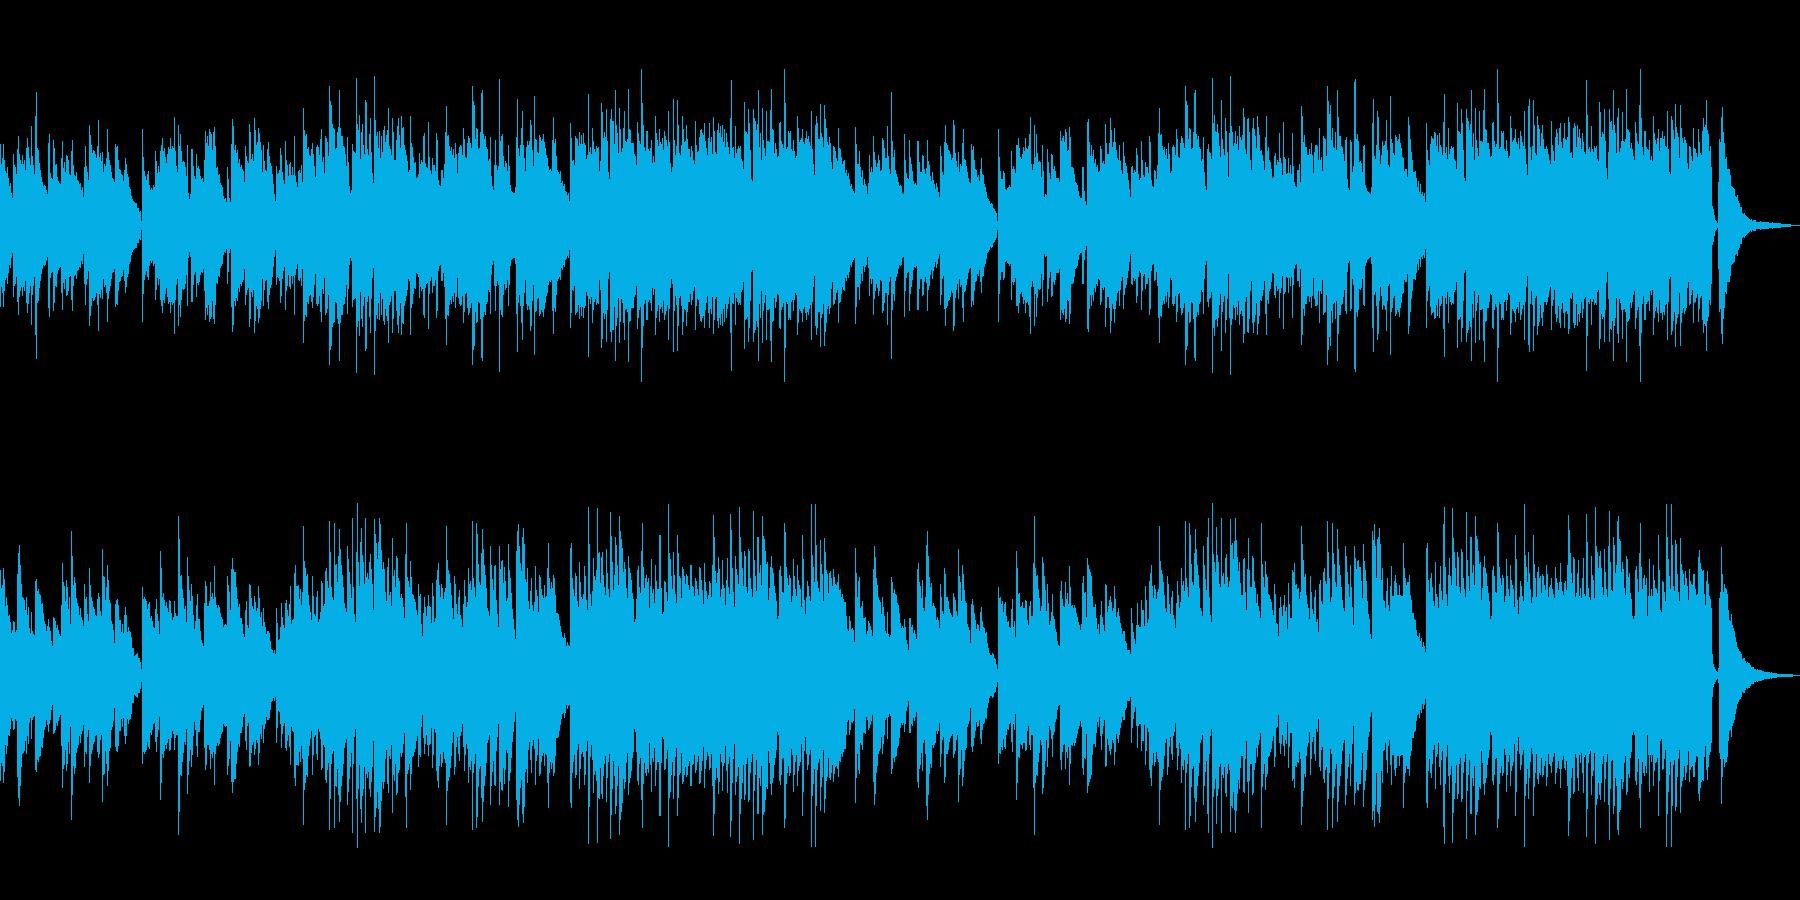 しっとりと落ち着いた和風なピアノのBGMの再生済みの波形